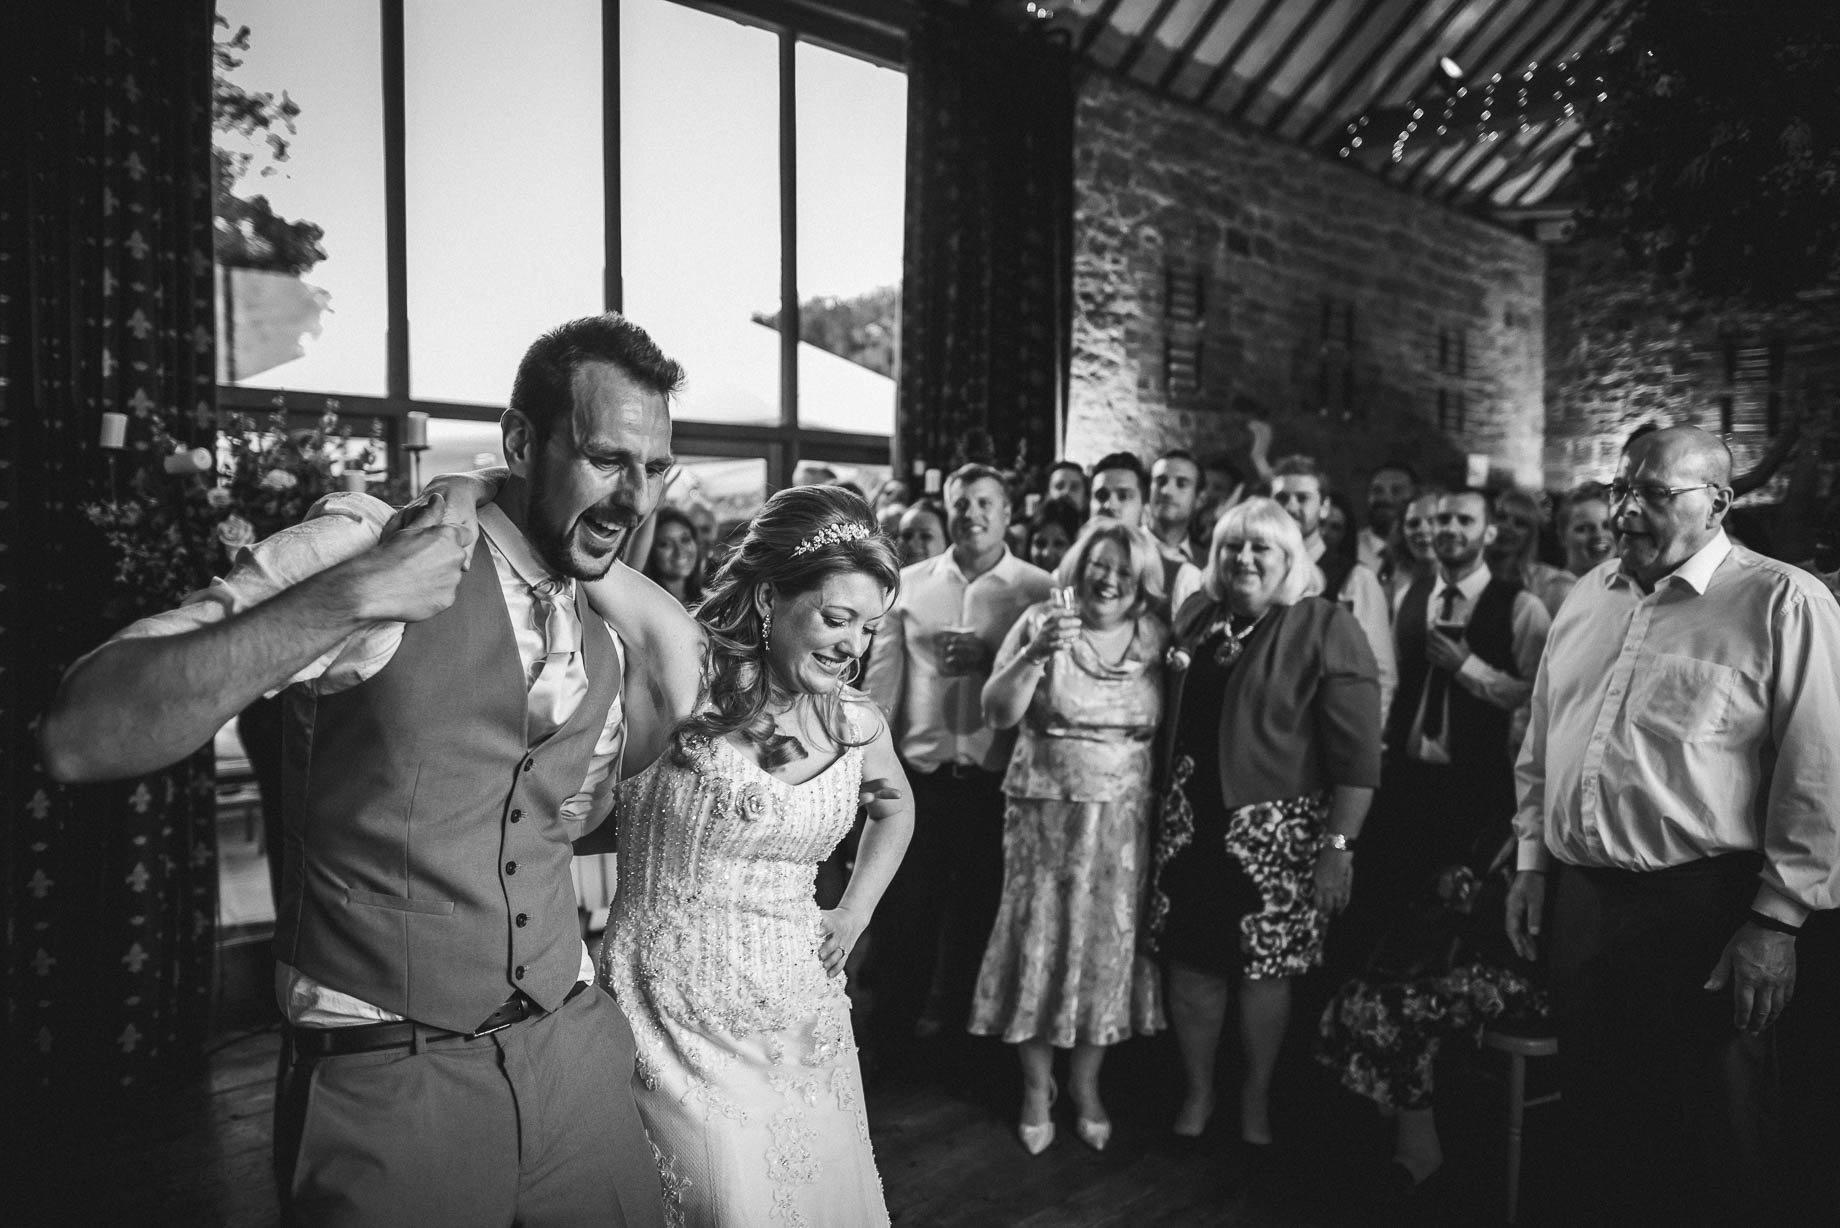 Bartholomew Barns wedding photography - Louise and Spencer (148 of 151)